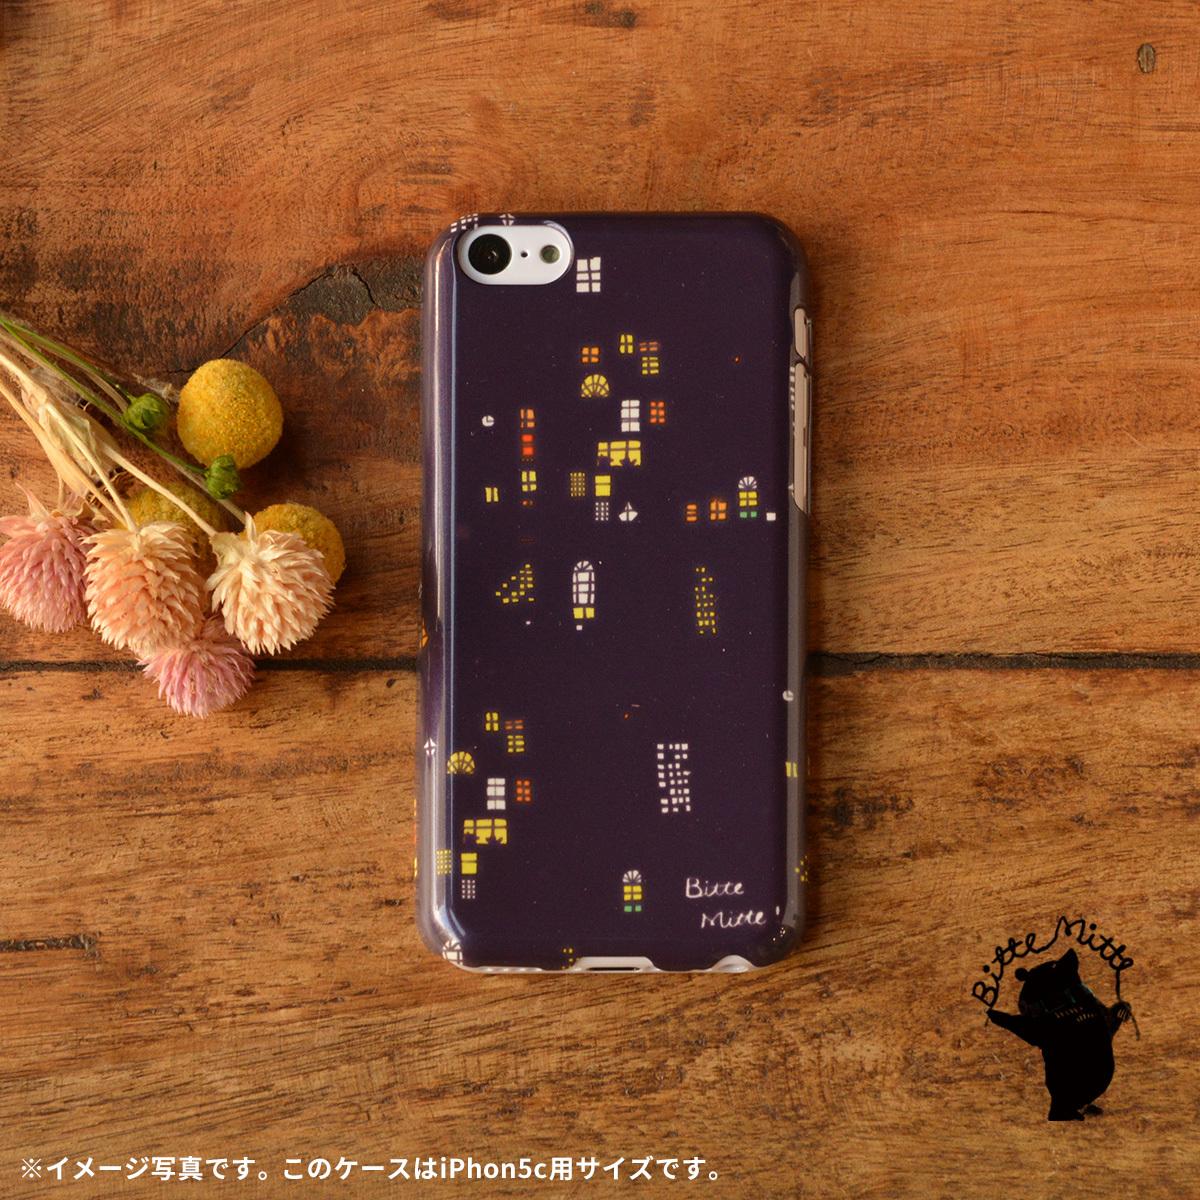 【限定色】iphone5c ケース ハードケース アイフォン5c ケース ハード iphone5c ケース キラキラ かわいい 夜空 夜のおはなし/Bitte Mitte!